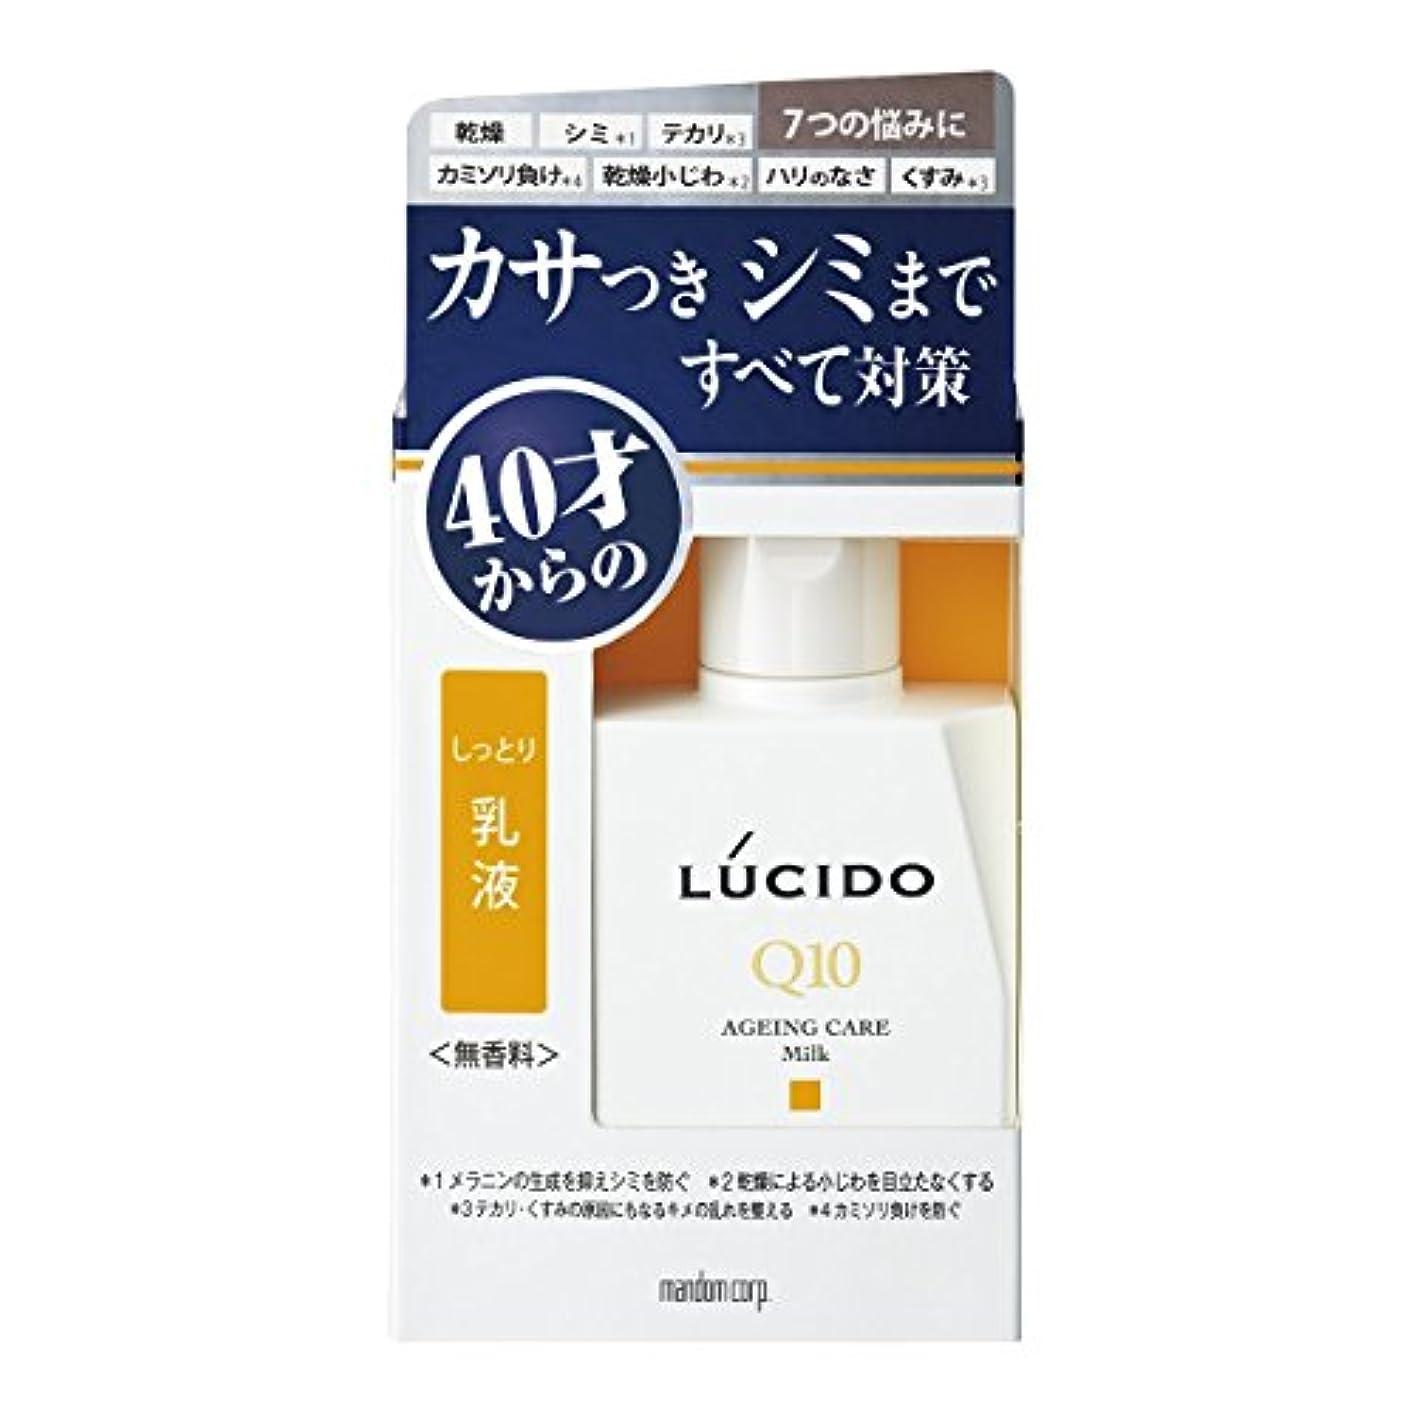 膿瘍頬圧倒的ルシード 薬用 トータルケア乳液 100mL(医薬部外品)